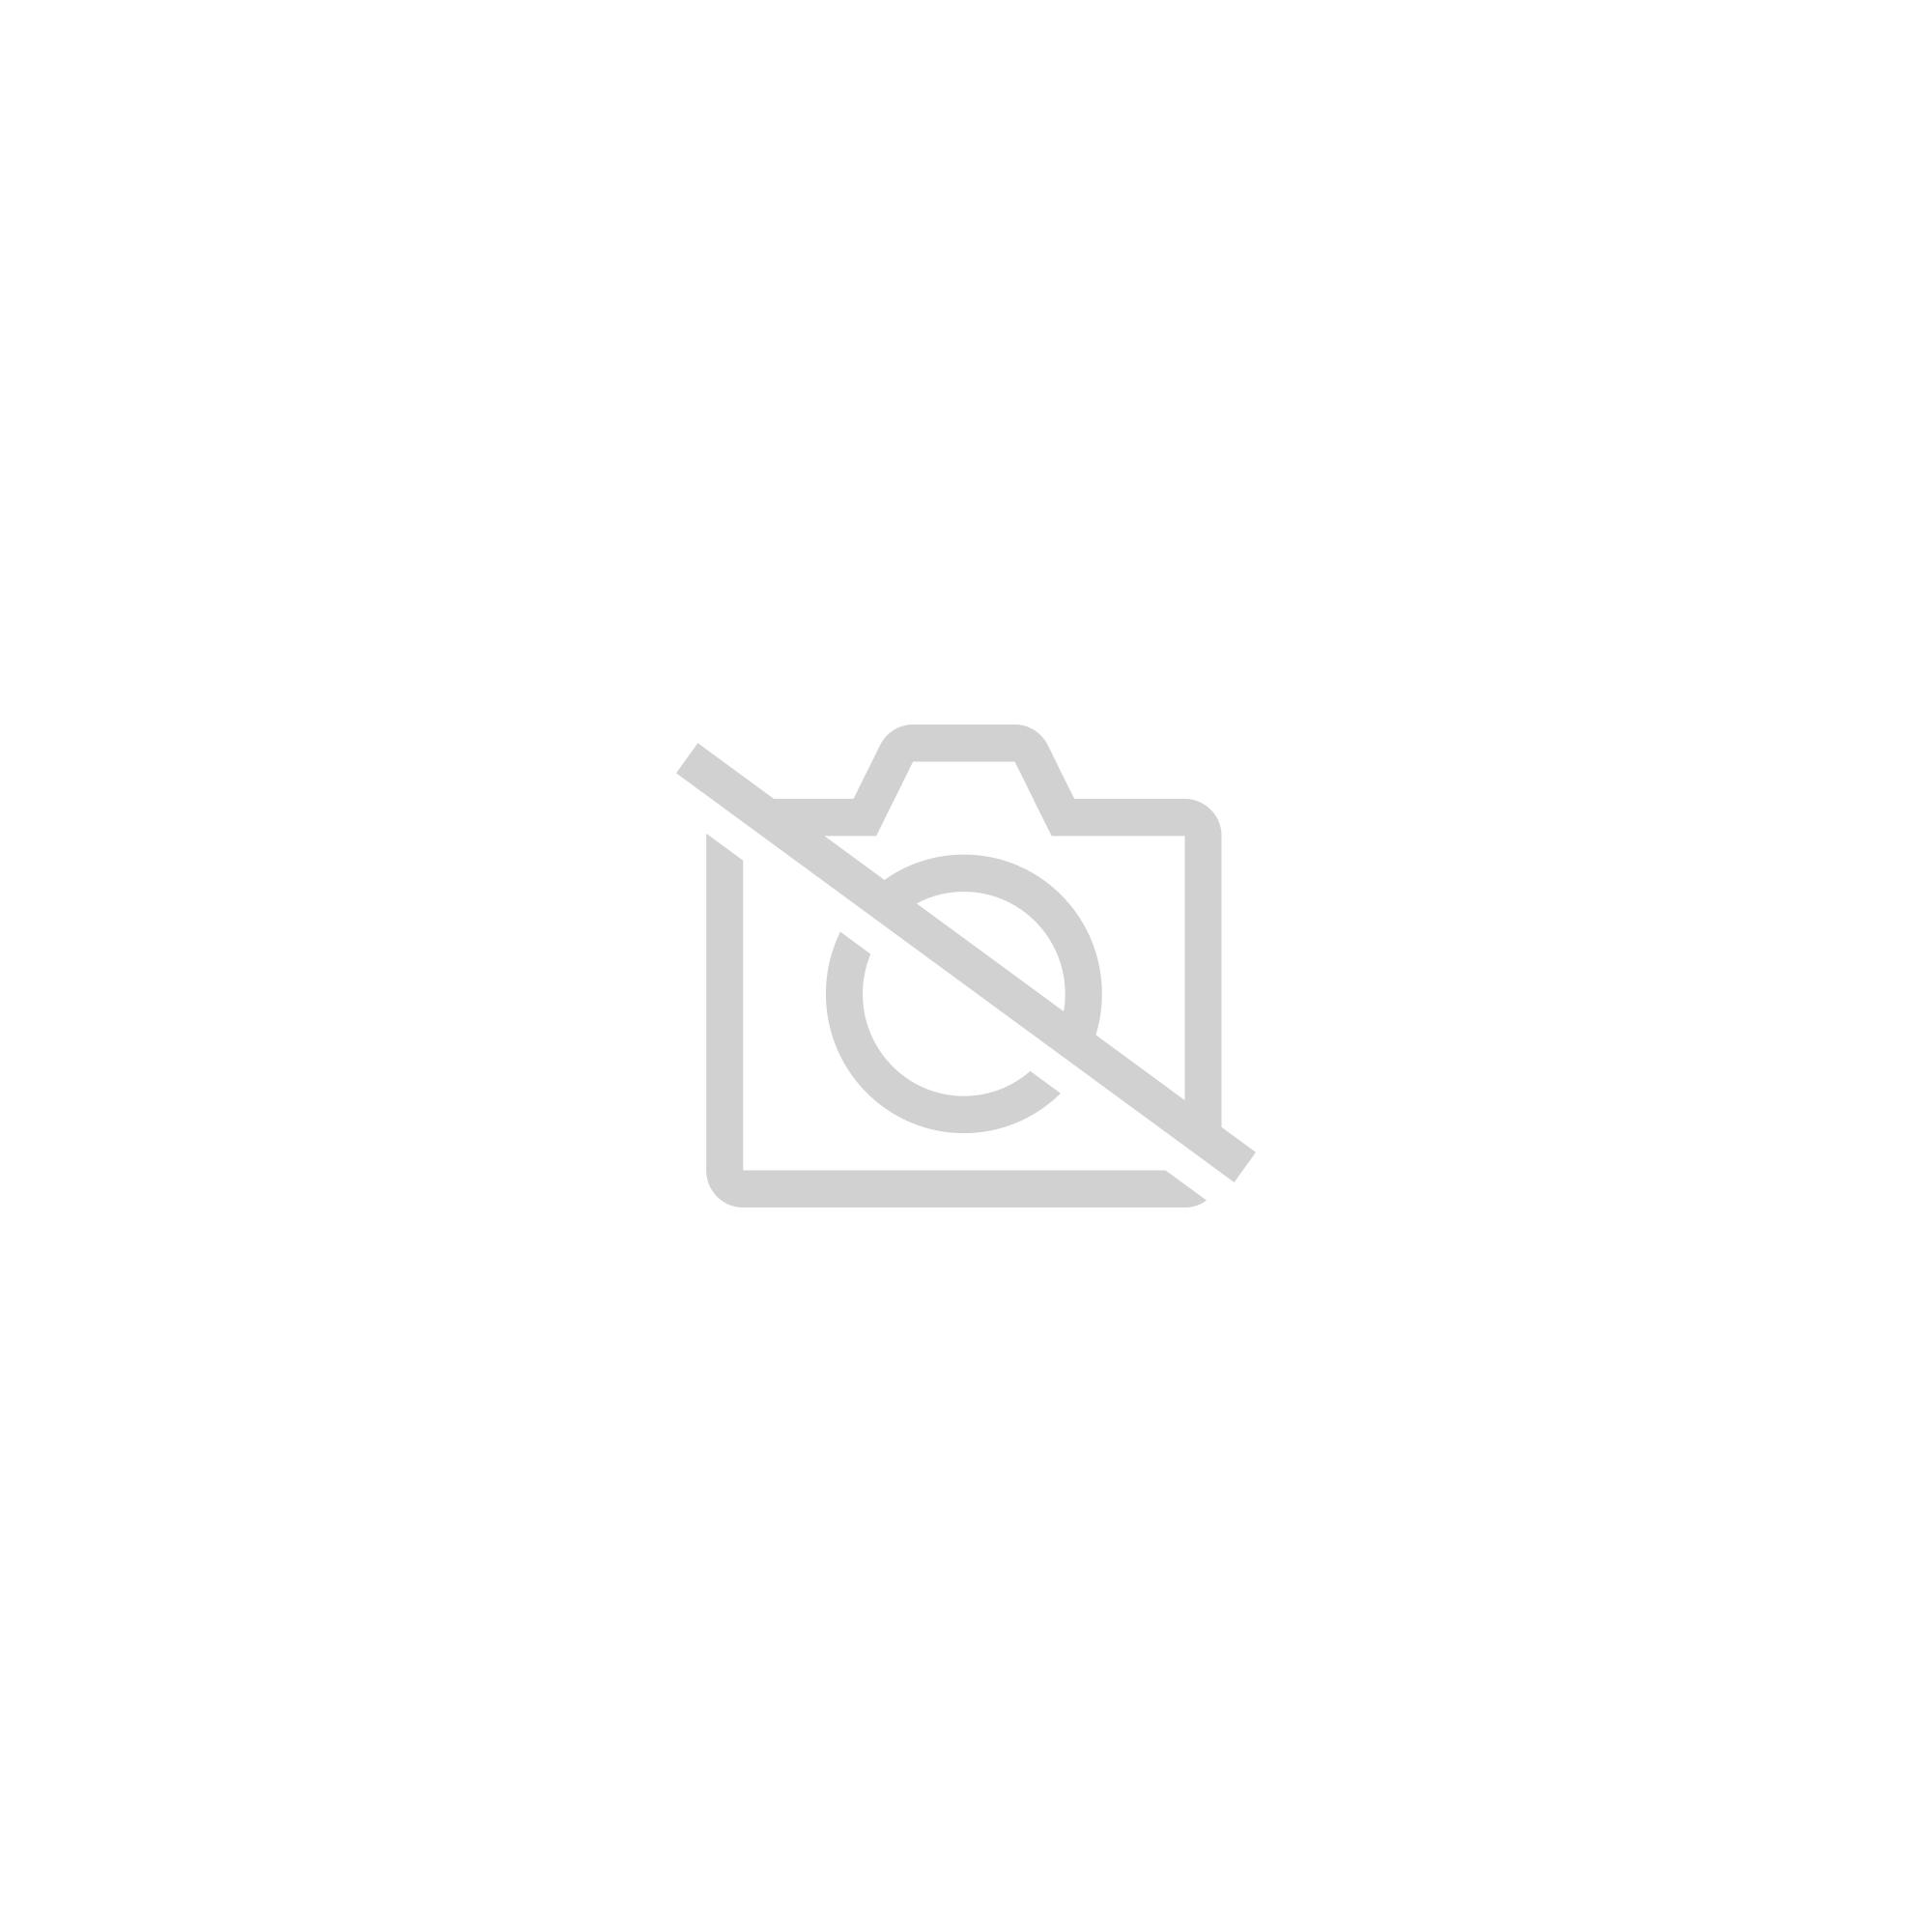 Bleu Chaussures In TimberlandRakuten Garçon Bradstreet 6